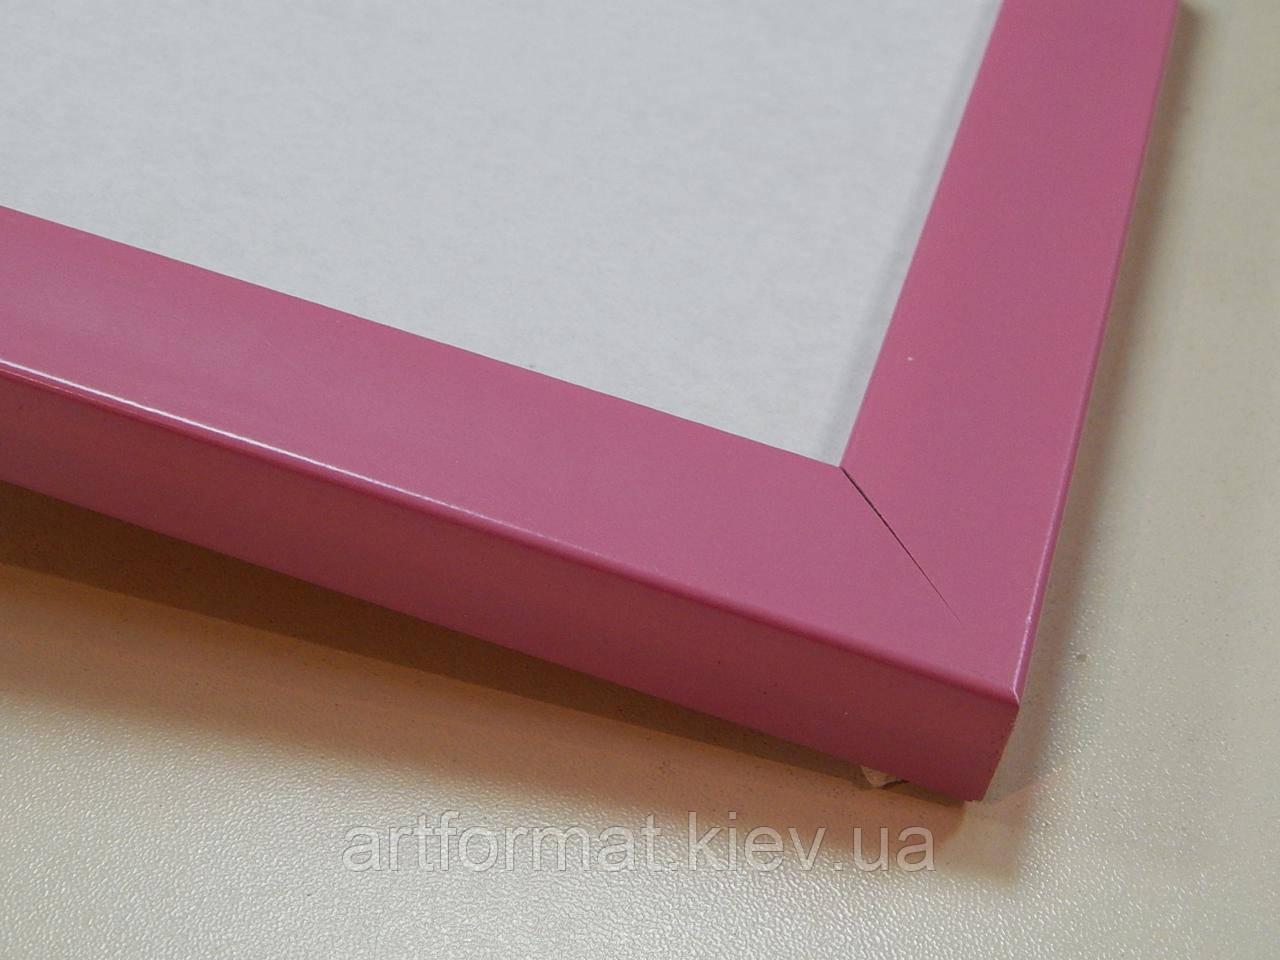 Рамка 10х15.22 мм.Розовый.